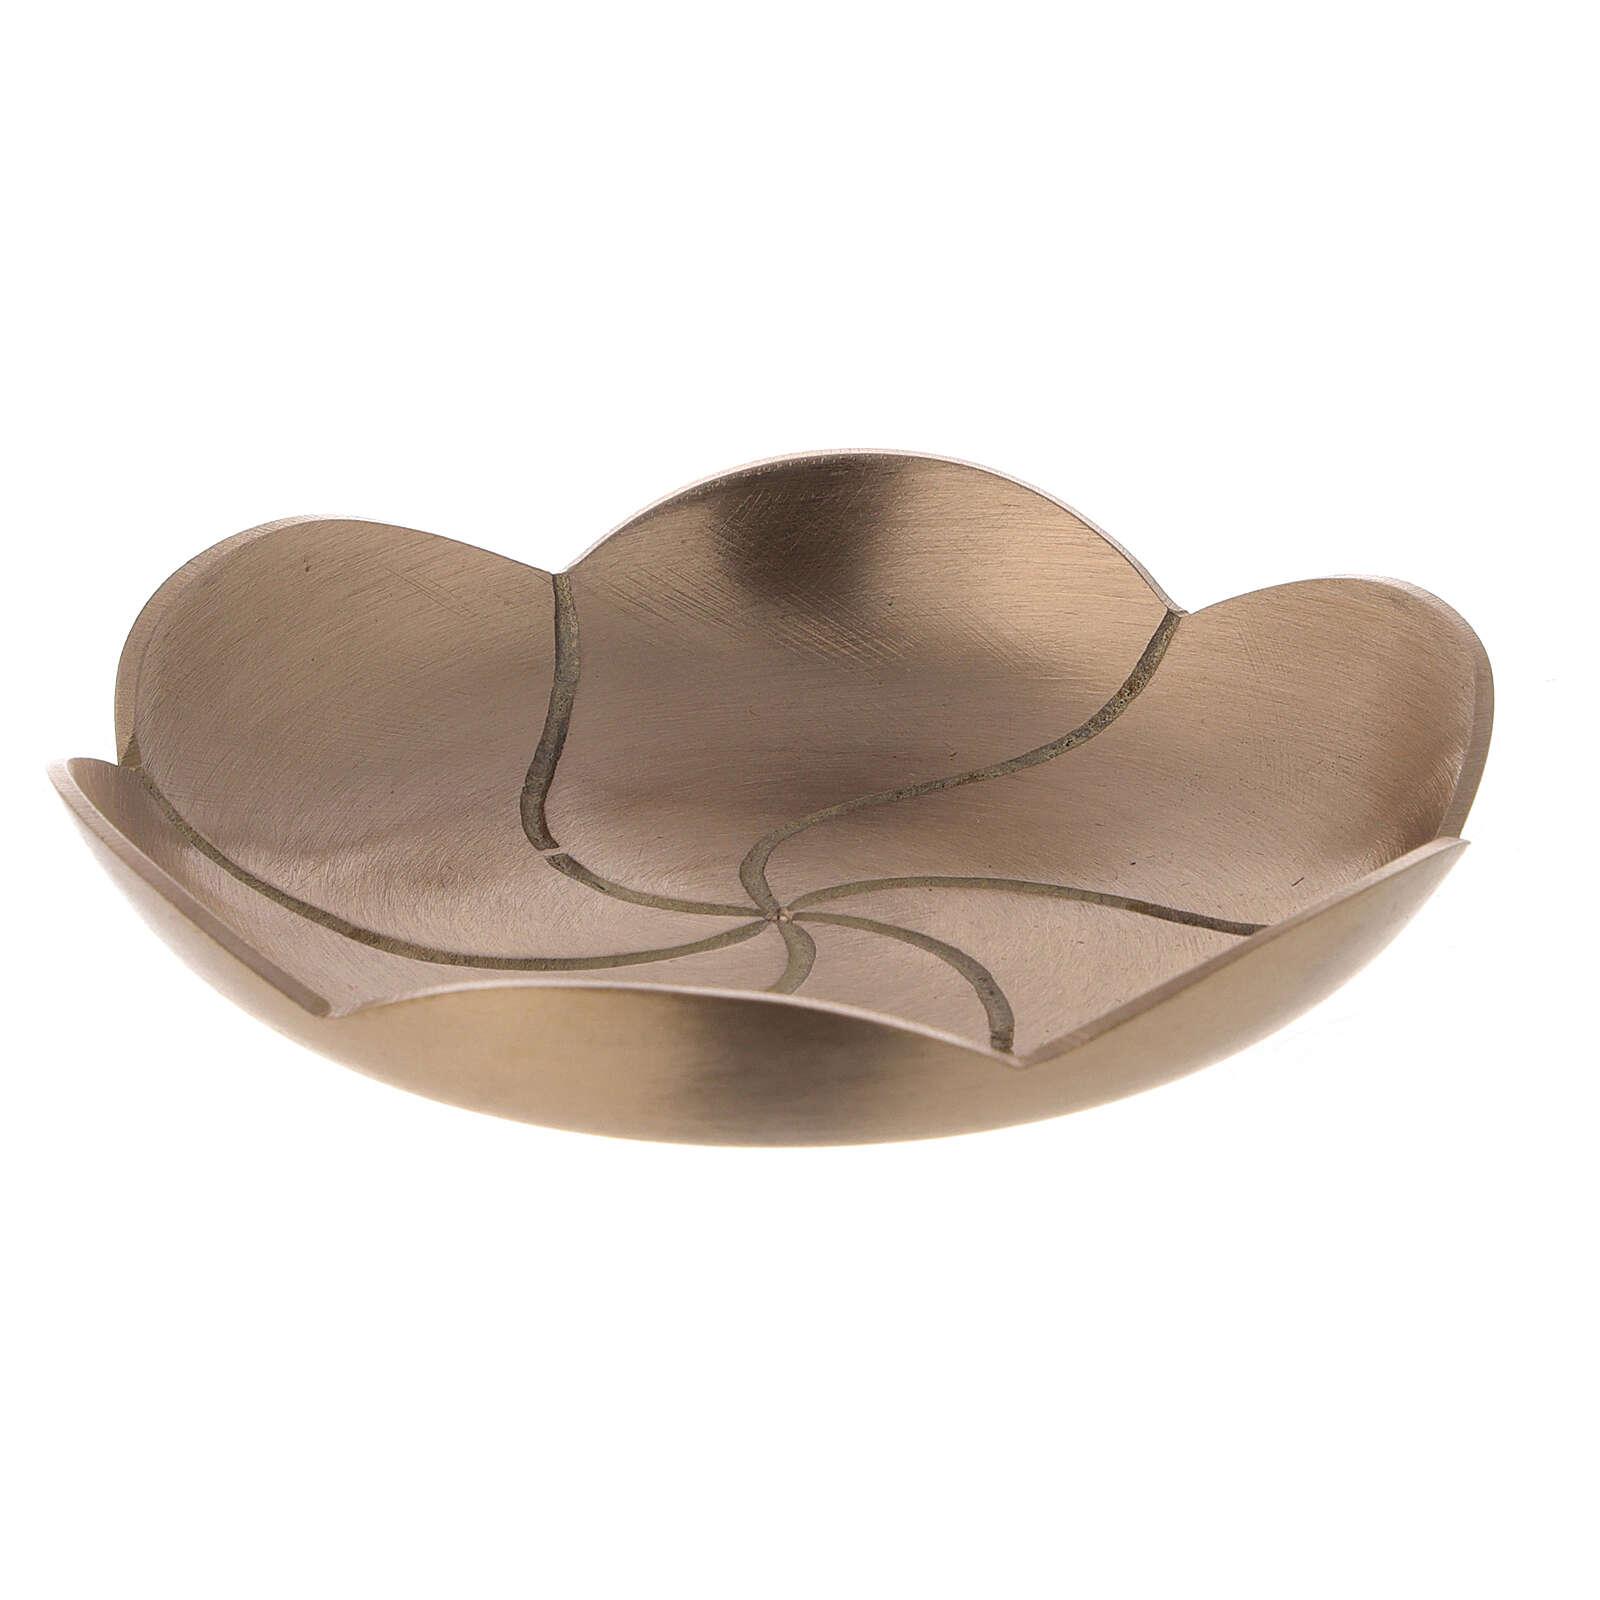 Plato portavela loto latón satinado 12 cm 3